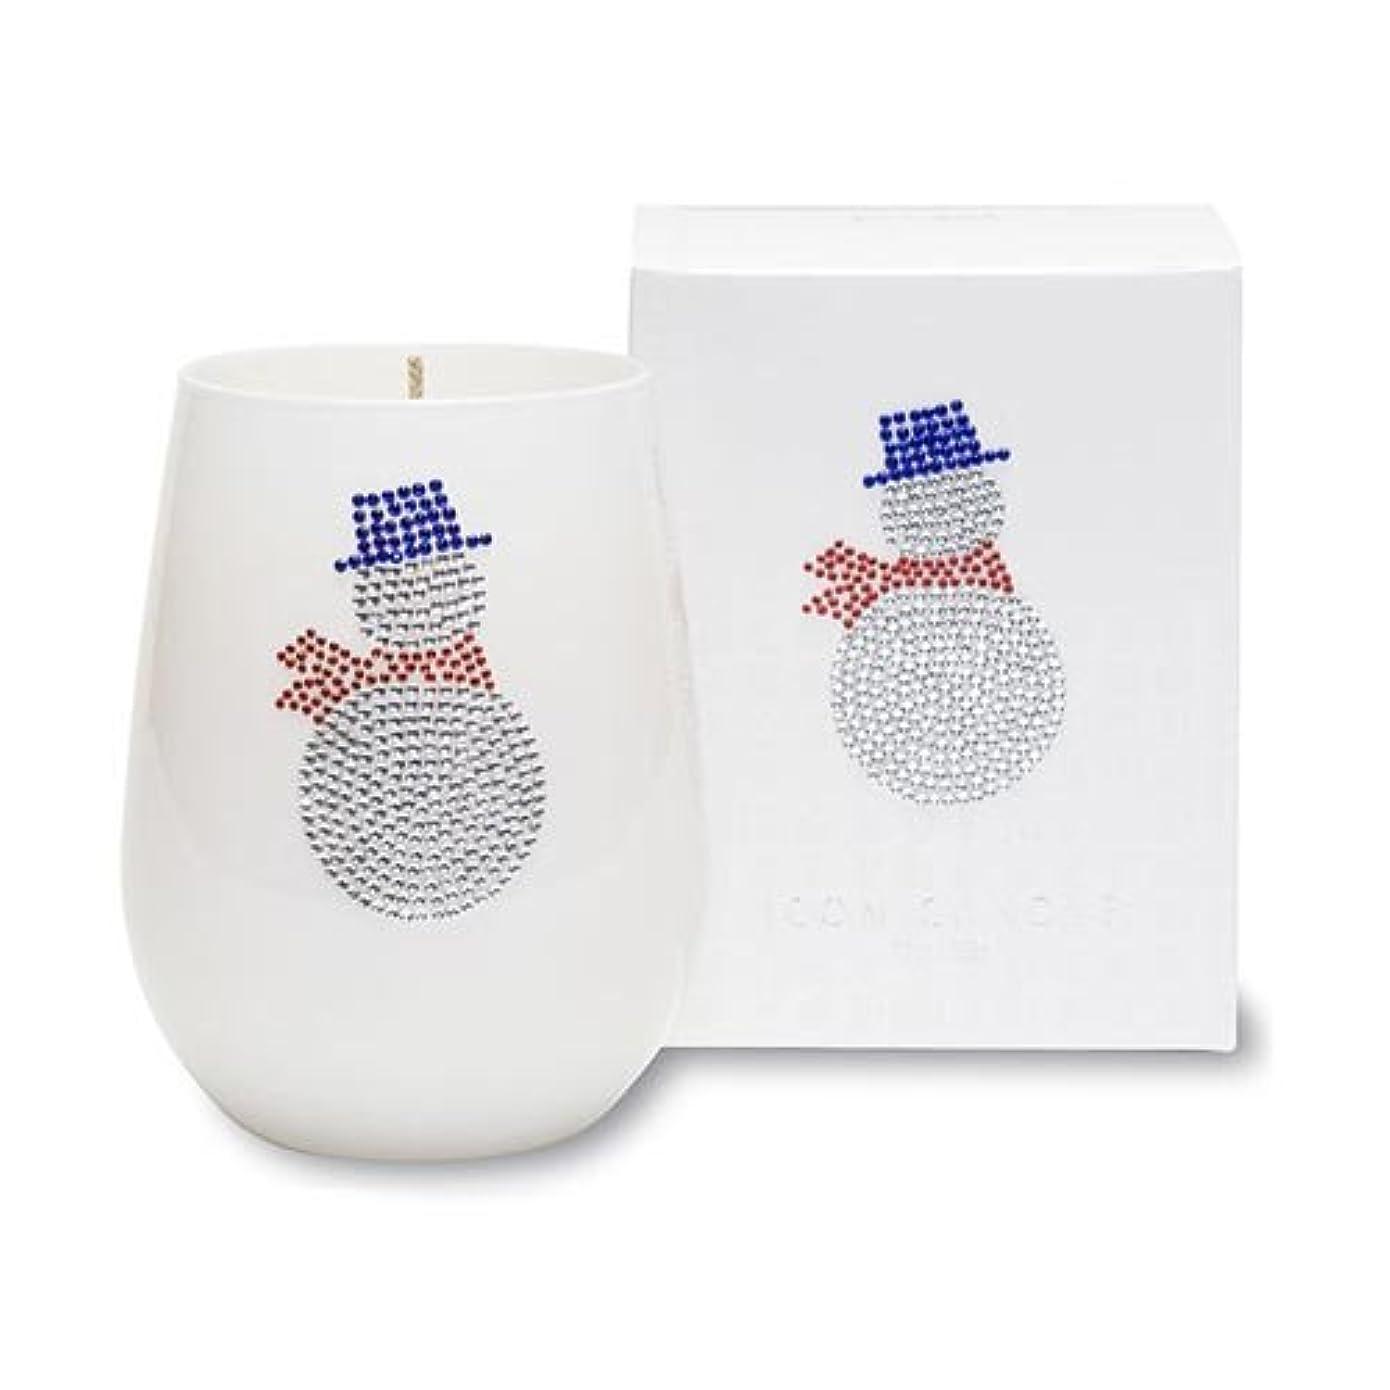 ポーター服を洗う断言するクリスマスアイコンキャンドル/スノーマン シトラスとユリの香り キャンドル